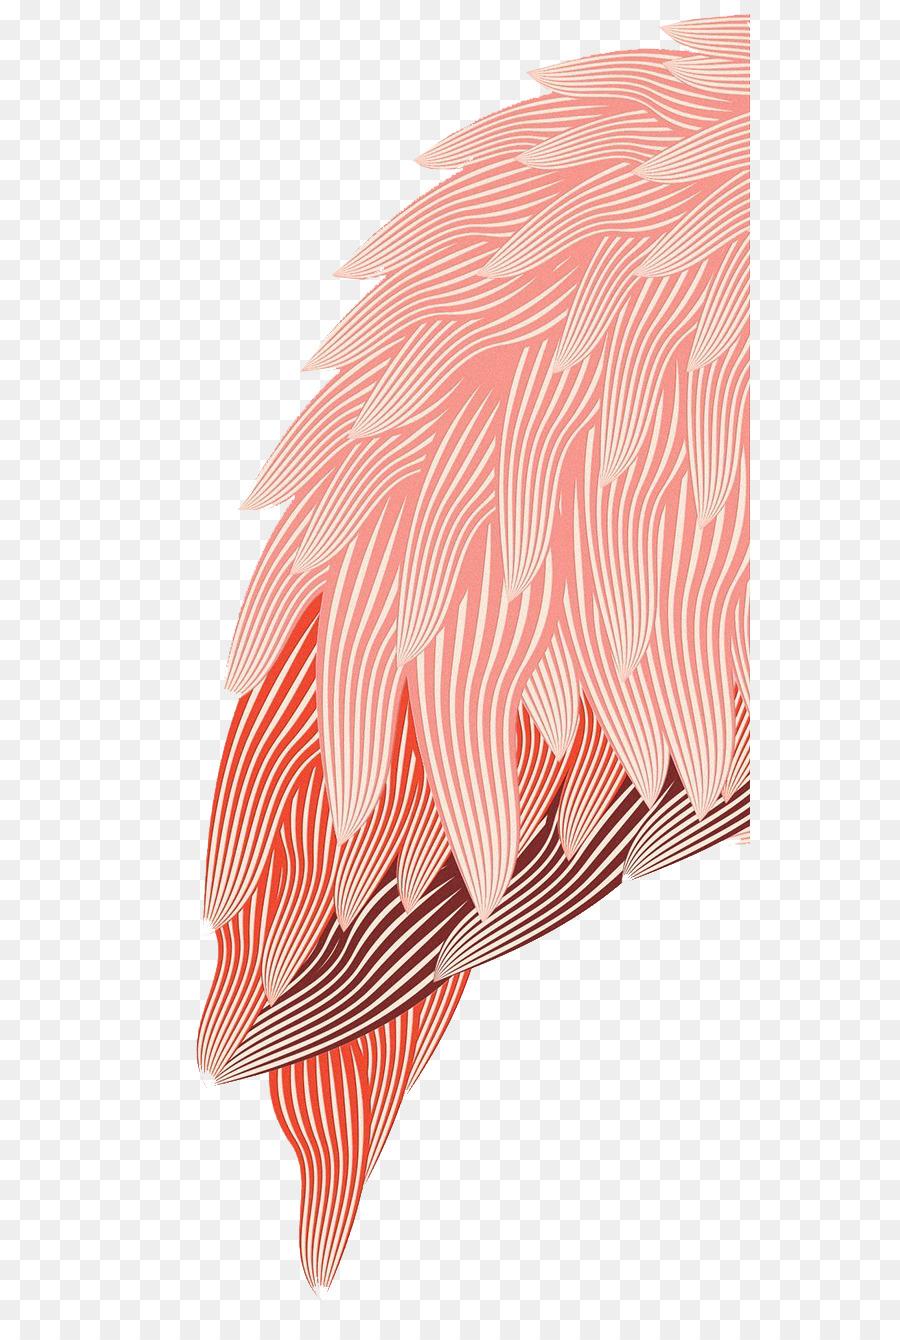 Descarga gratuita de Los Flamencos, Pájaro, Rosa Imágen de Png